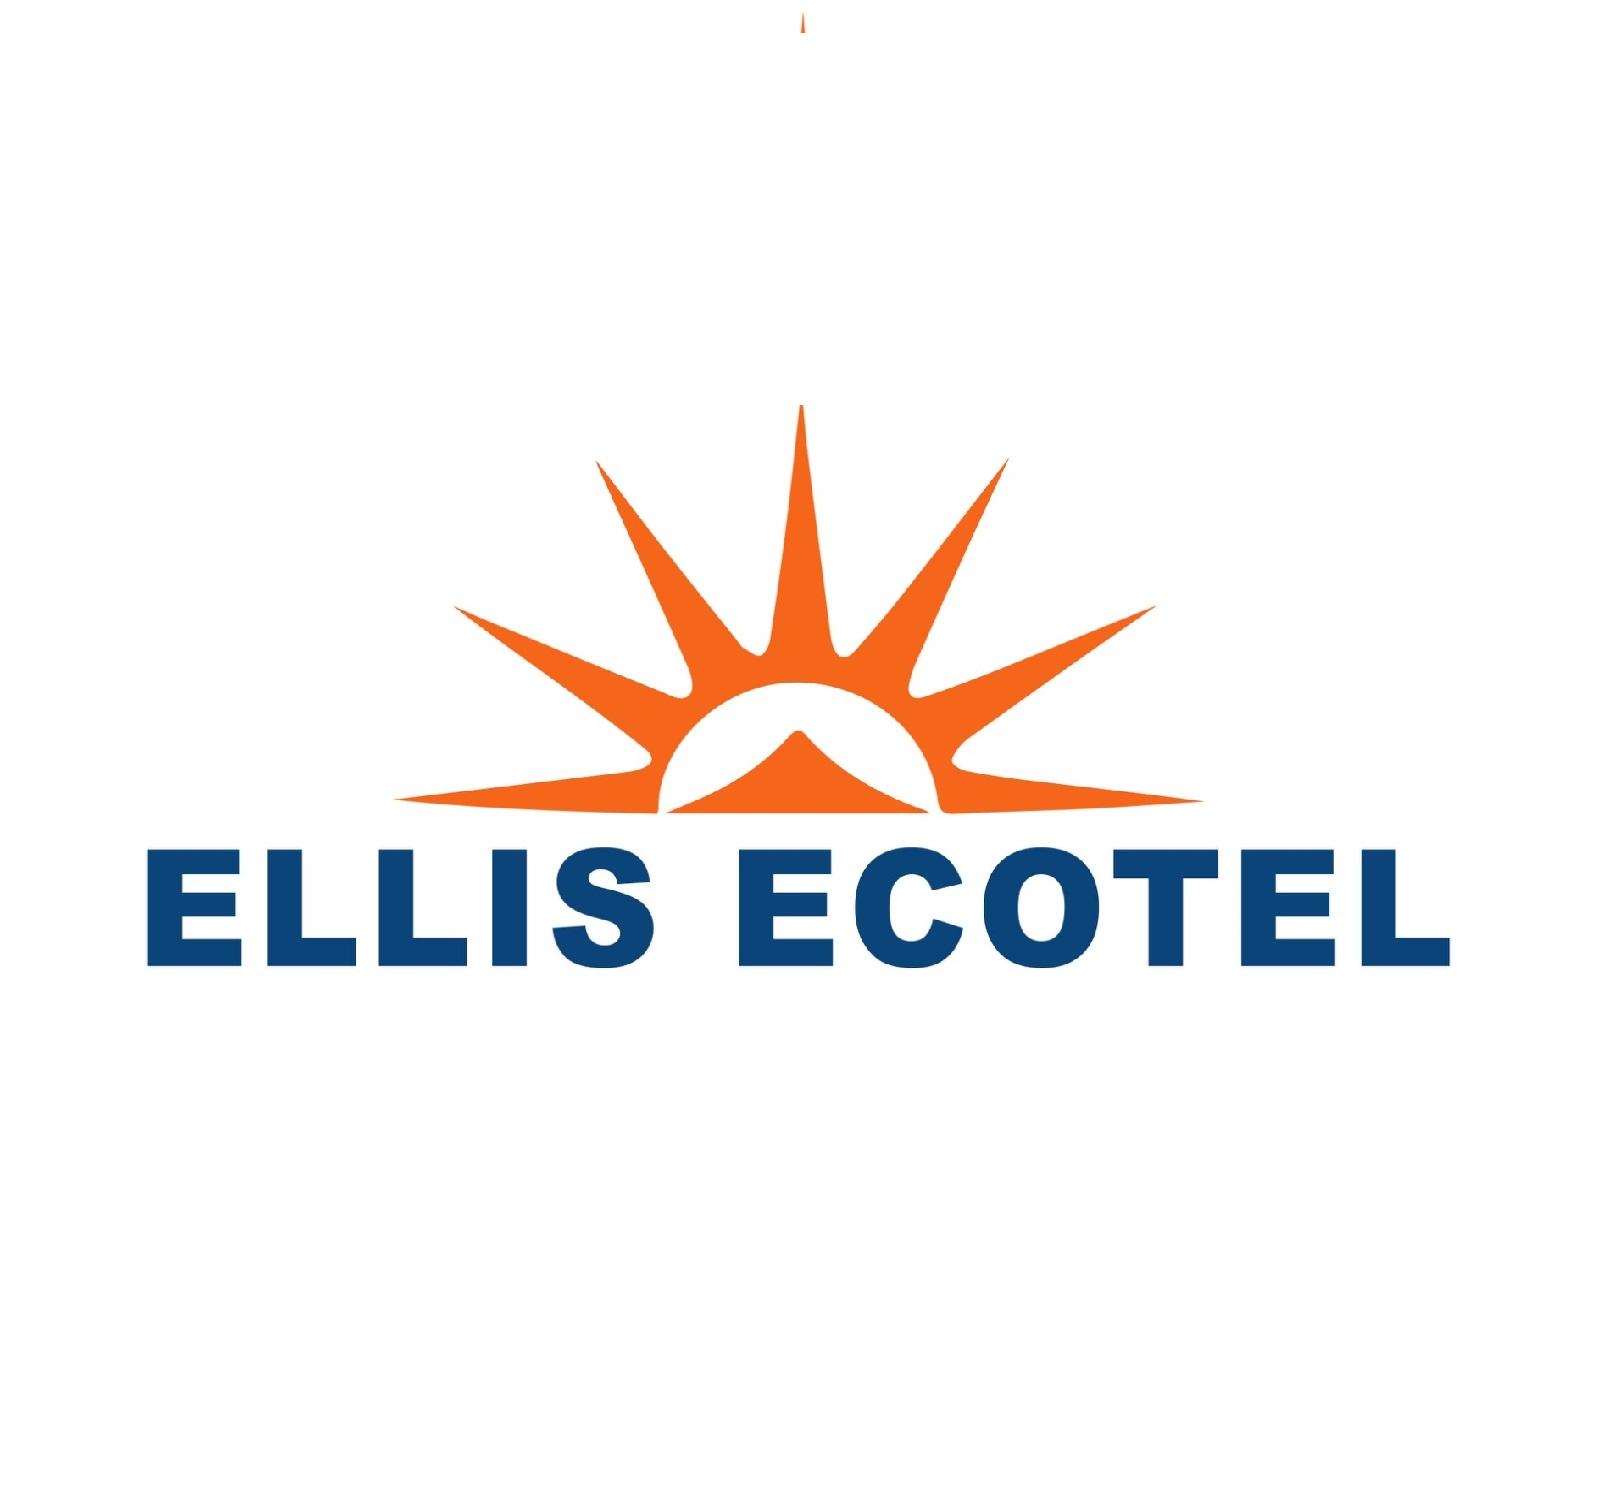 Ellis Ecotel